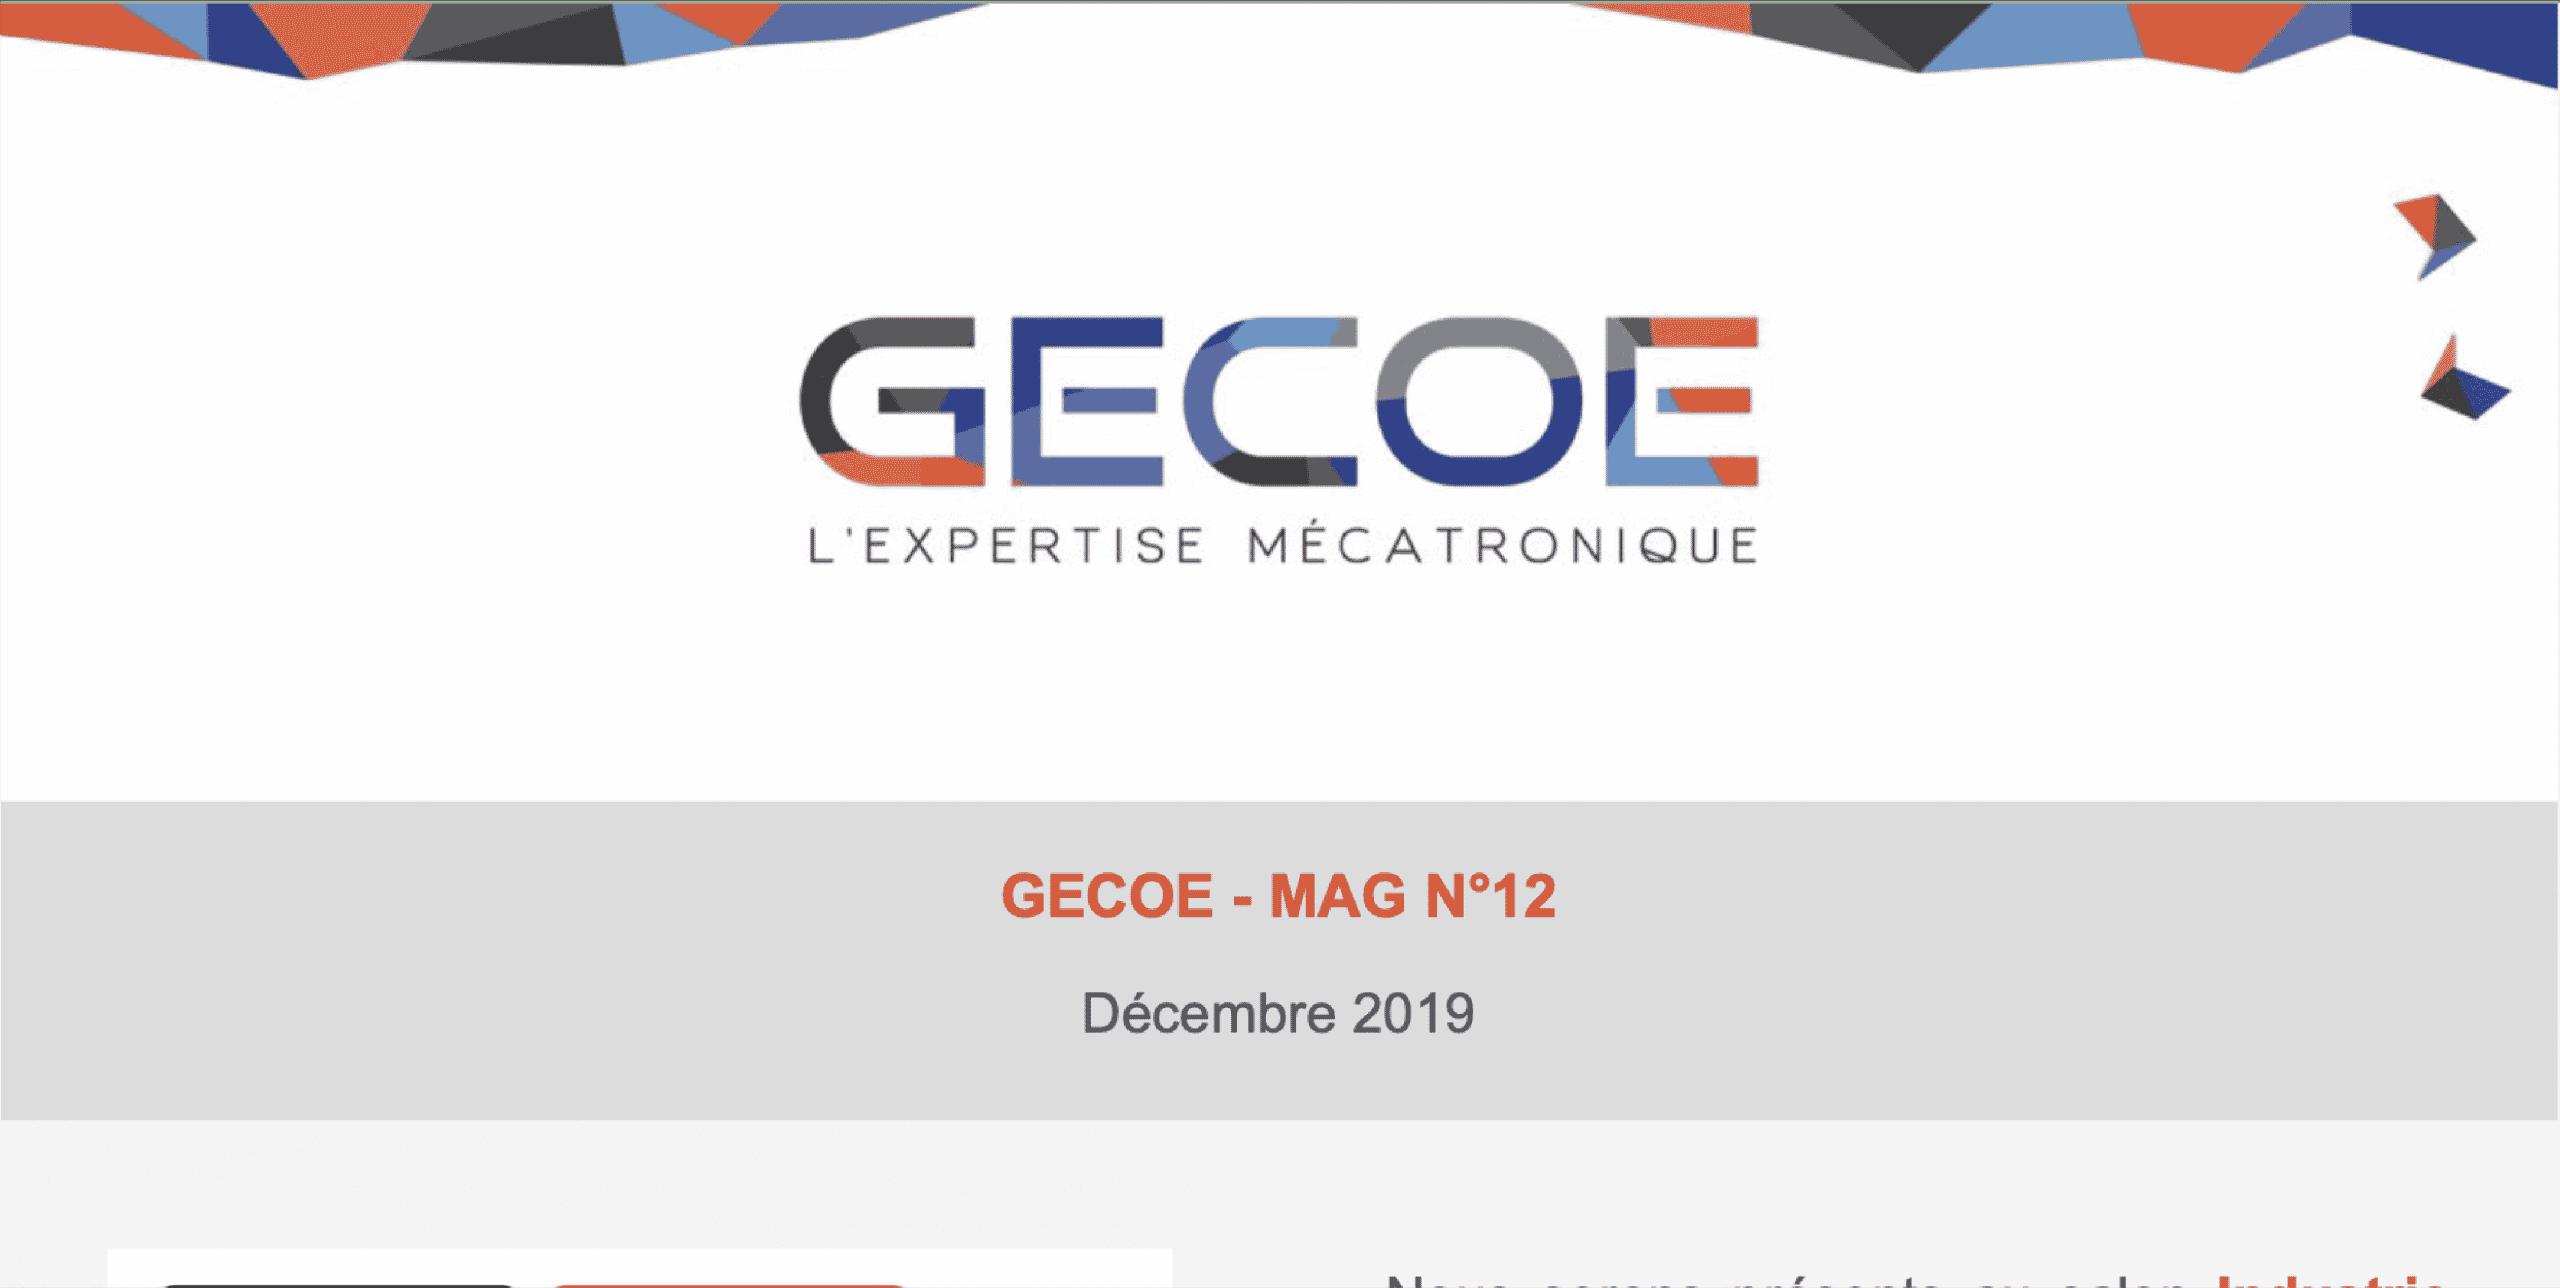 Bannière GECOEMAG12